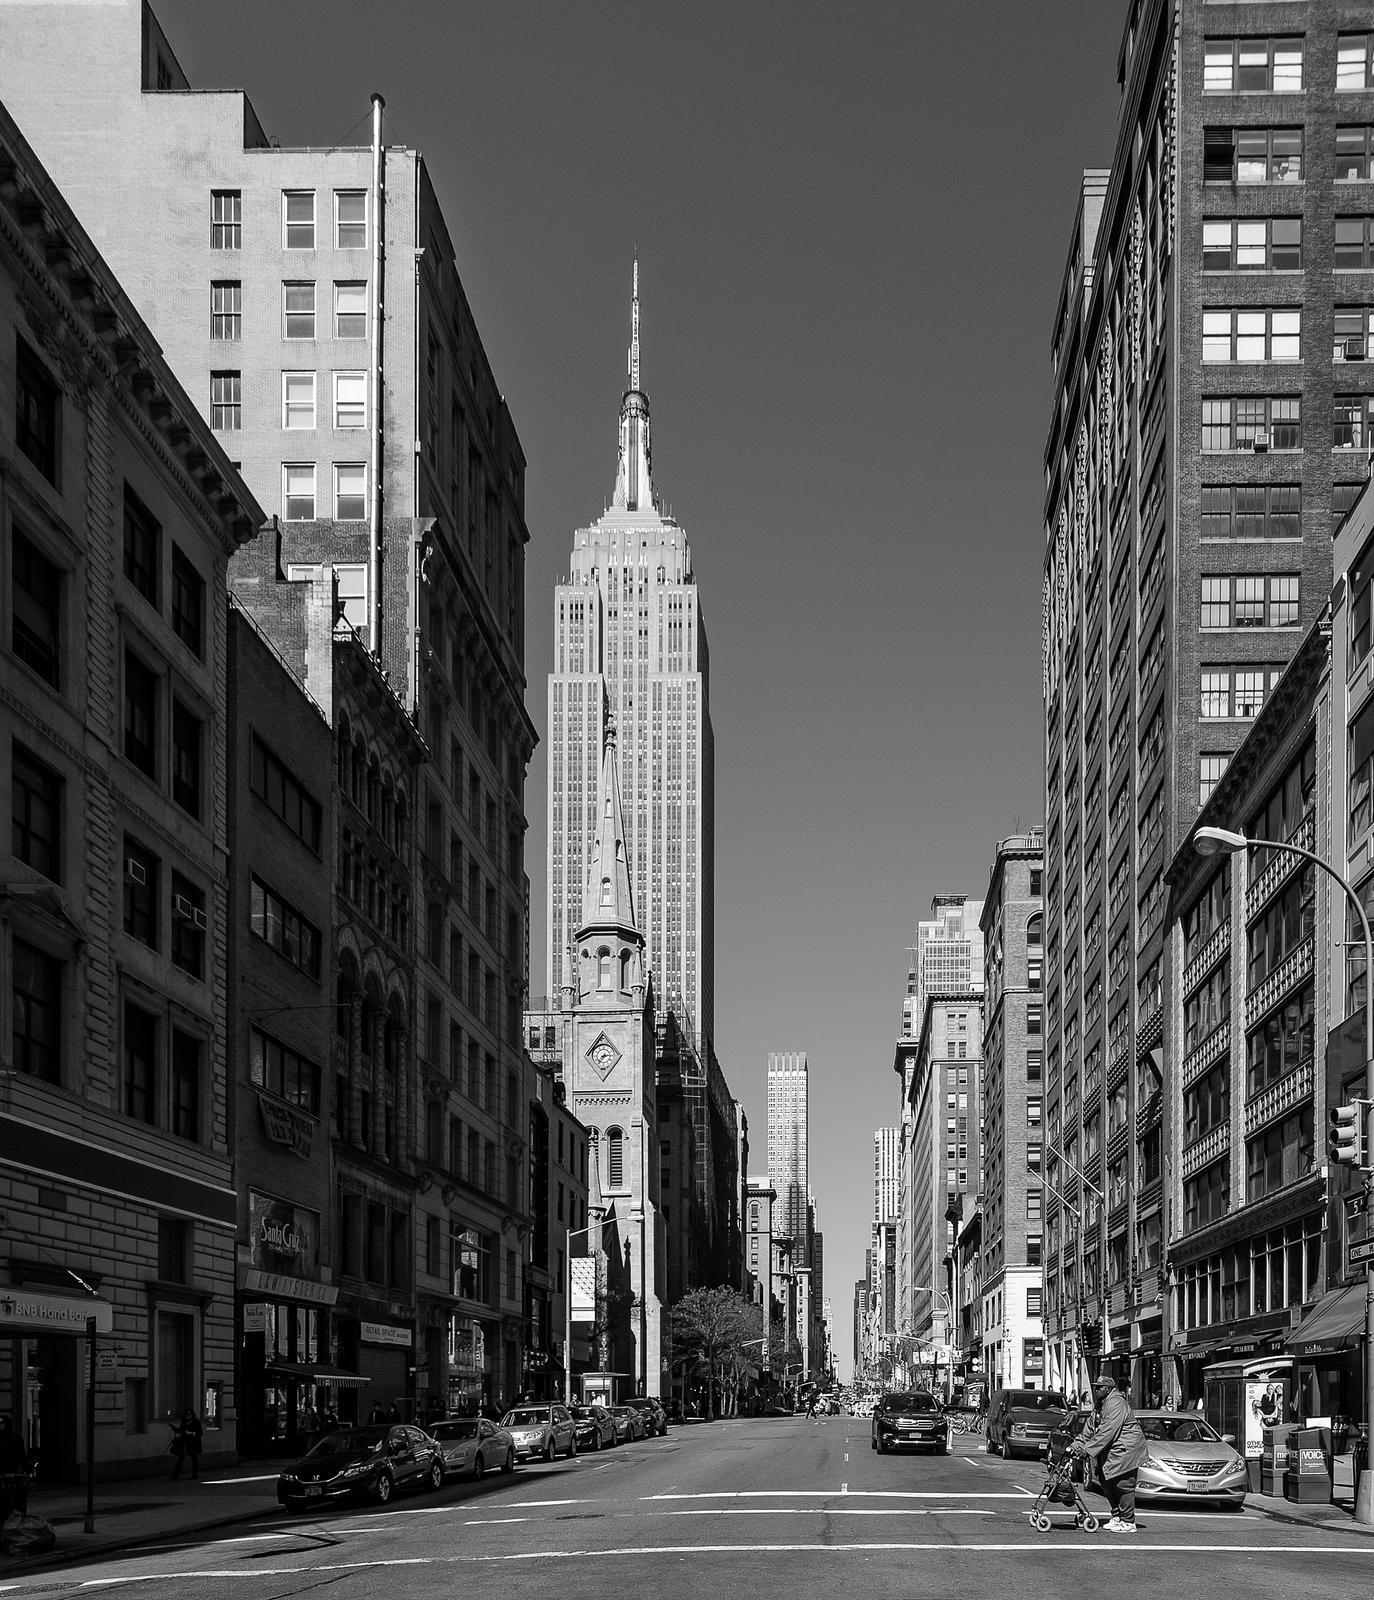 Улица Пятая авеню, Нью-Йорк